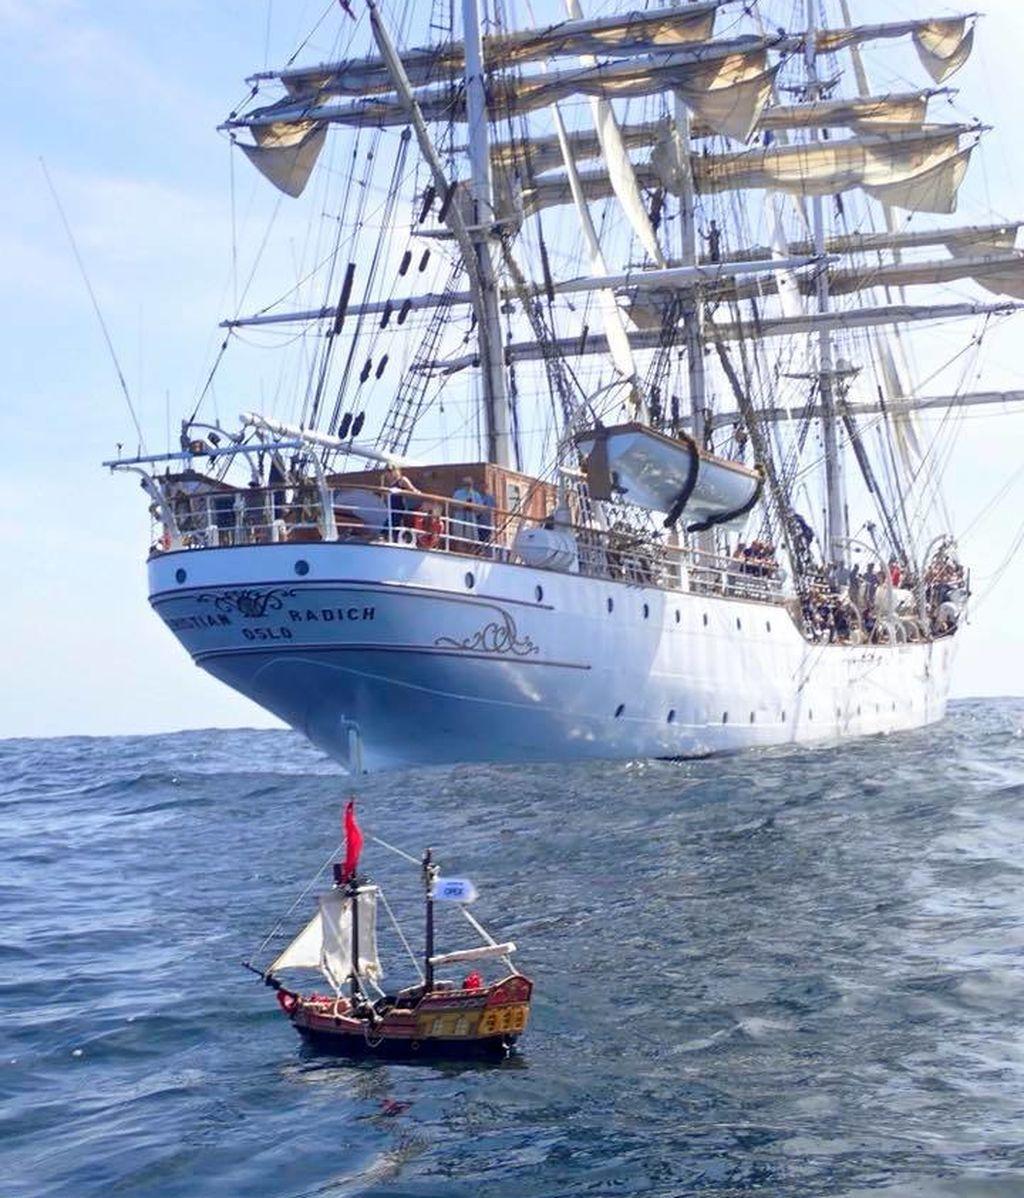 Un barco pirata de Playmobil de dos niños escoceses surca el Océano Atlántico